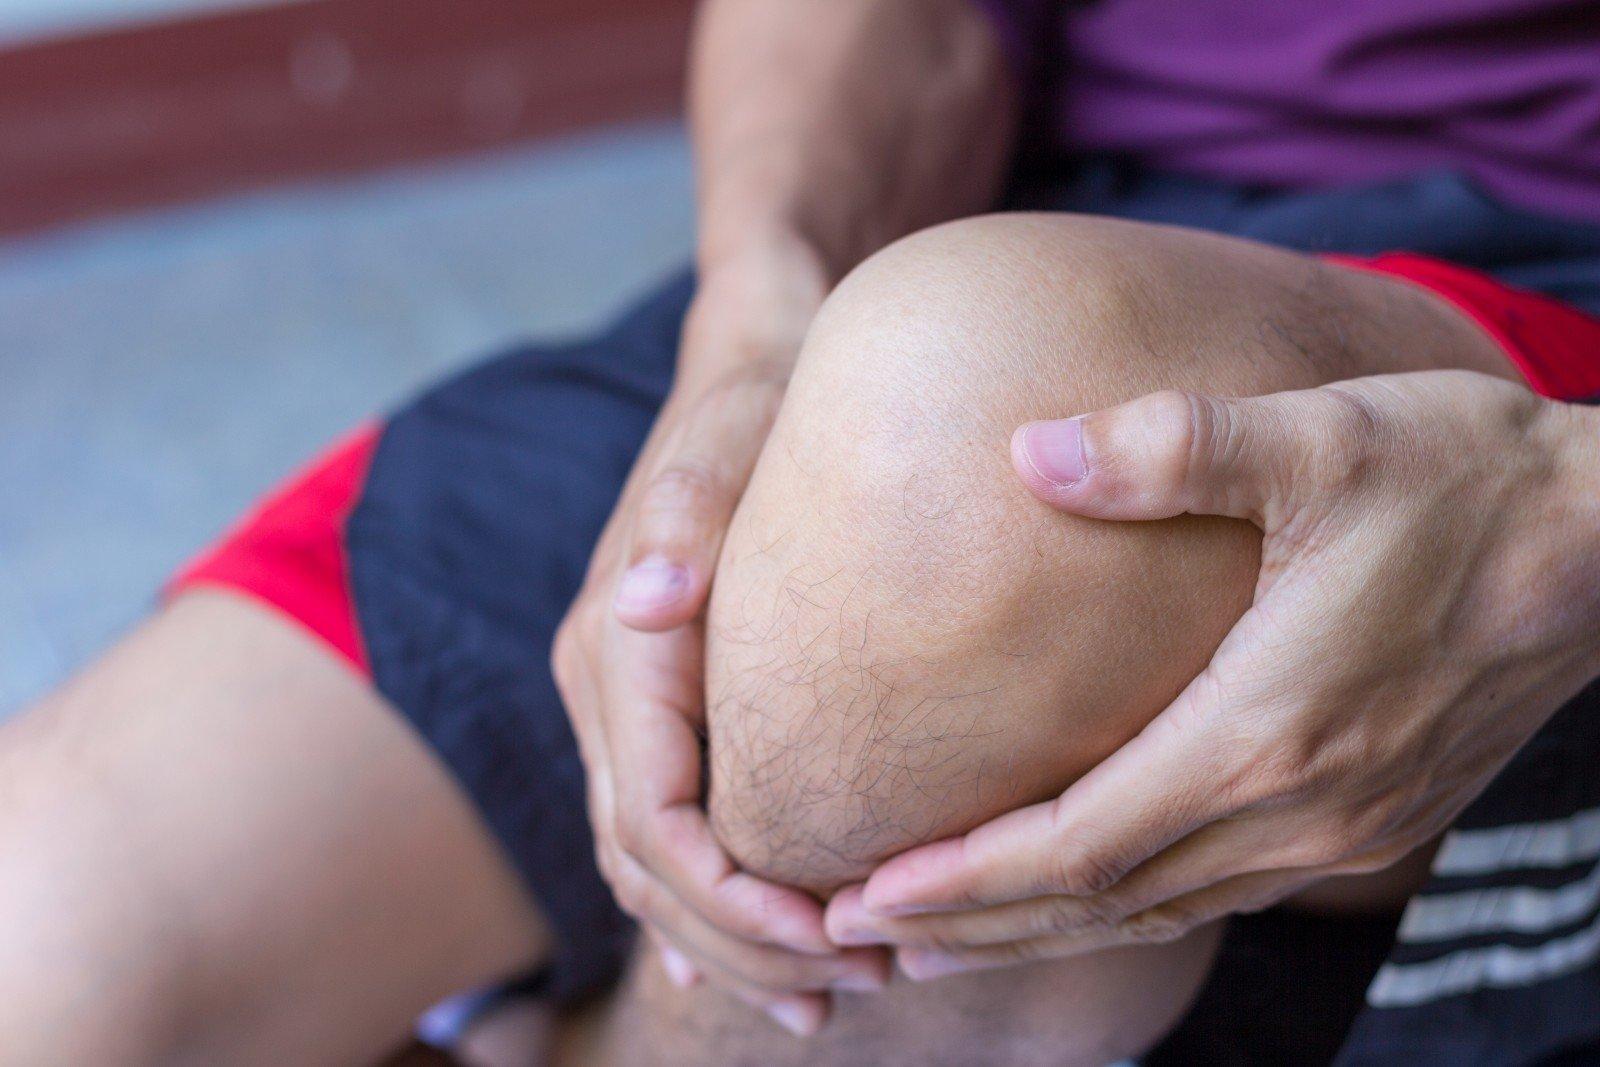 kaip kurti po sužeidimo sąnarius skauda šlaunikaulį